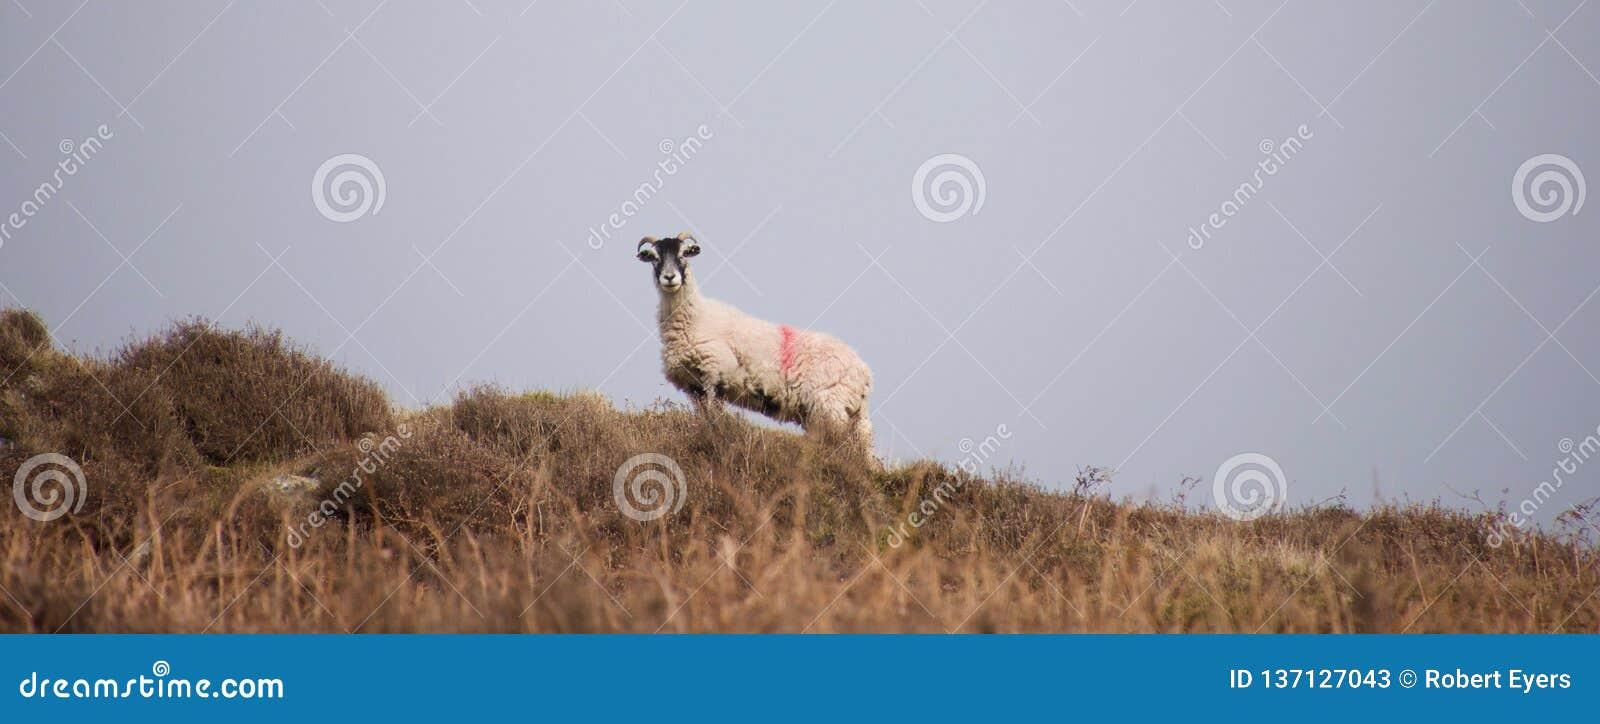 Τα πρόβατα δένουν ενάντια στον ορίζοντα